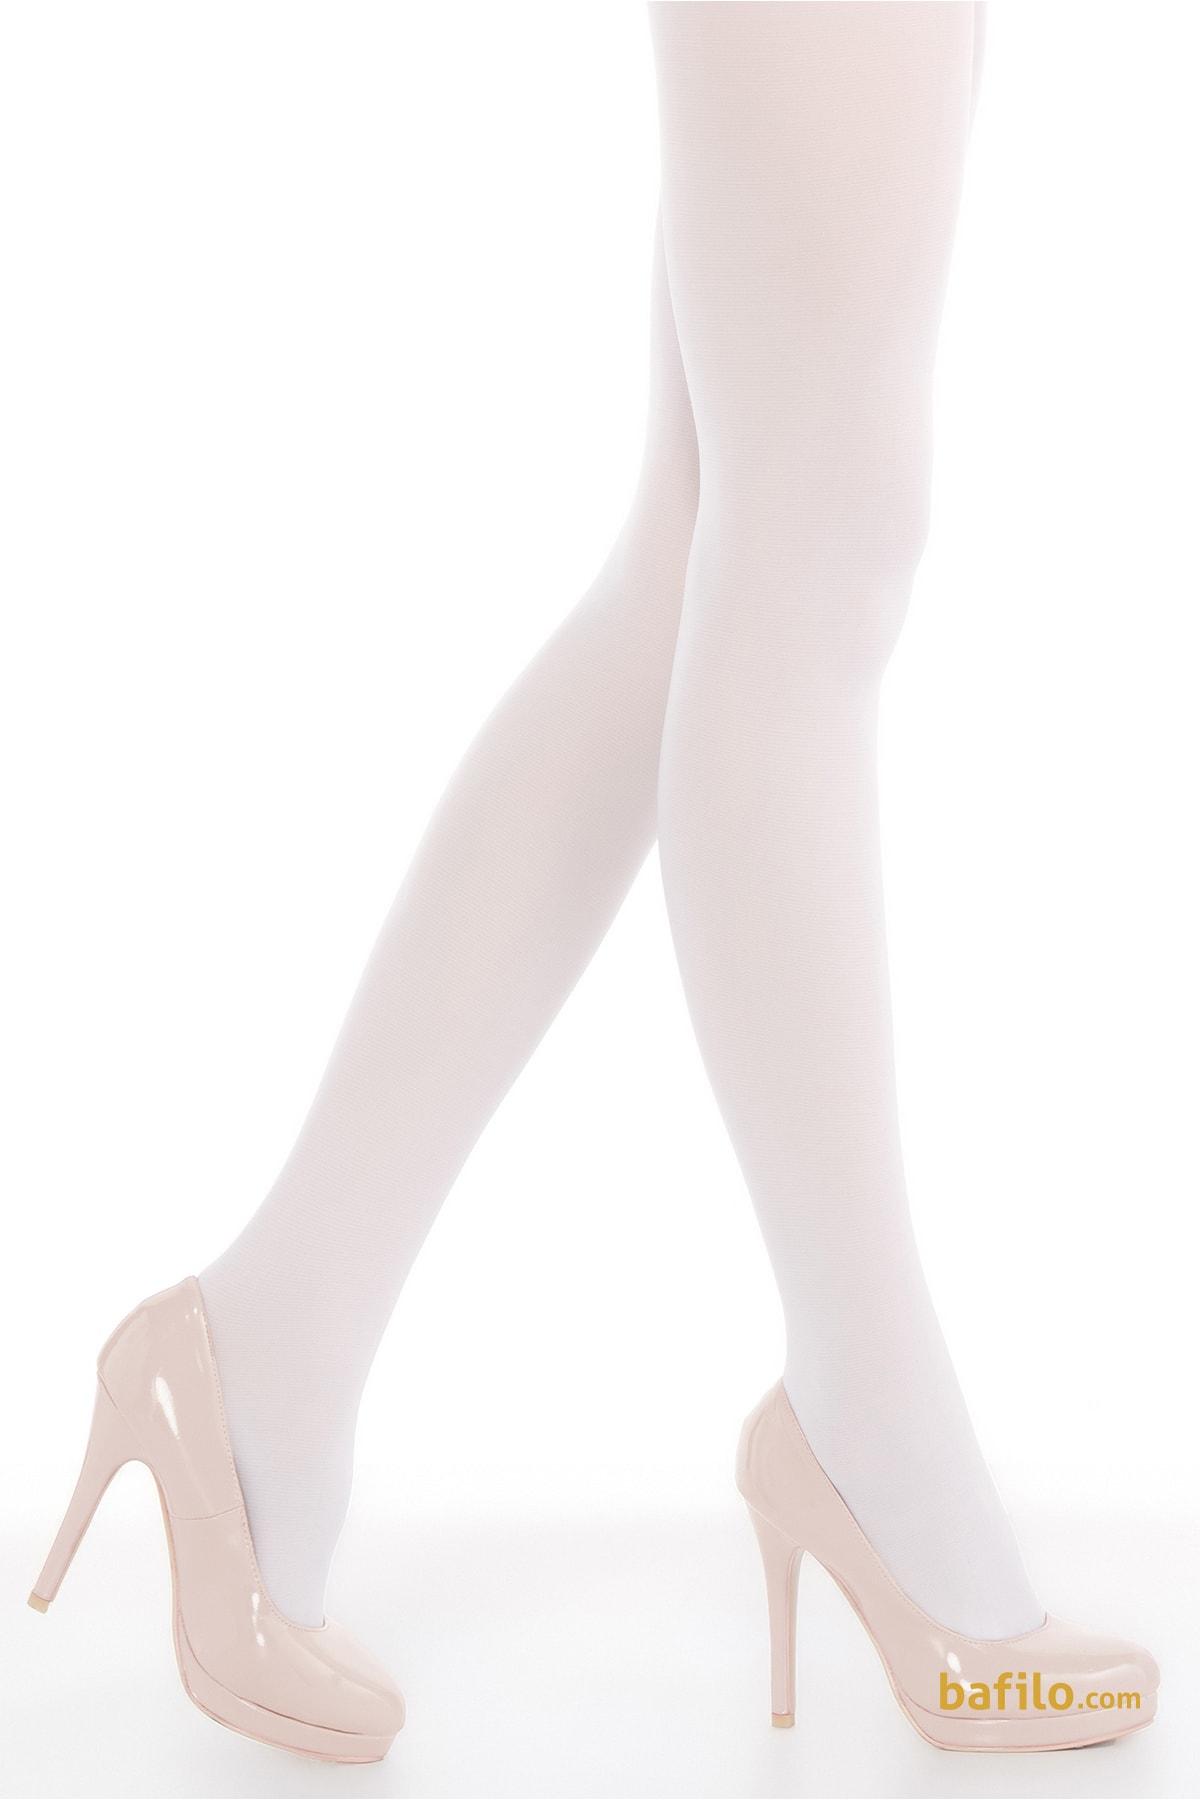 پنتی | Penti - جوراب شلواری زنانه پنتی Mikro 70 - سفید